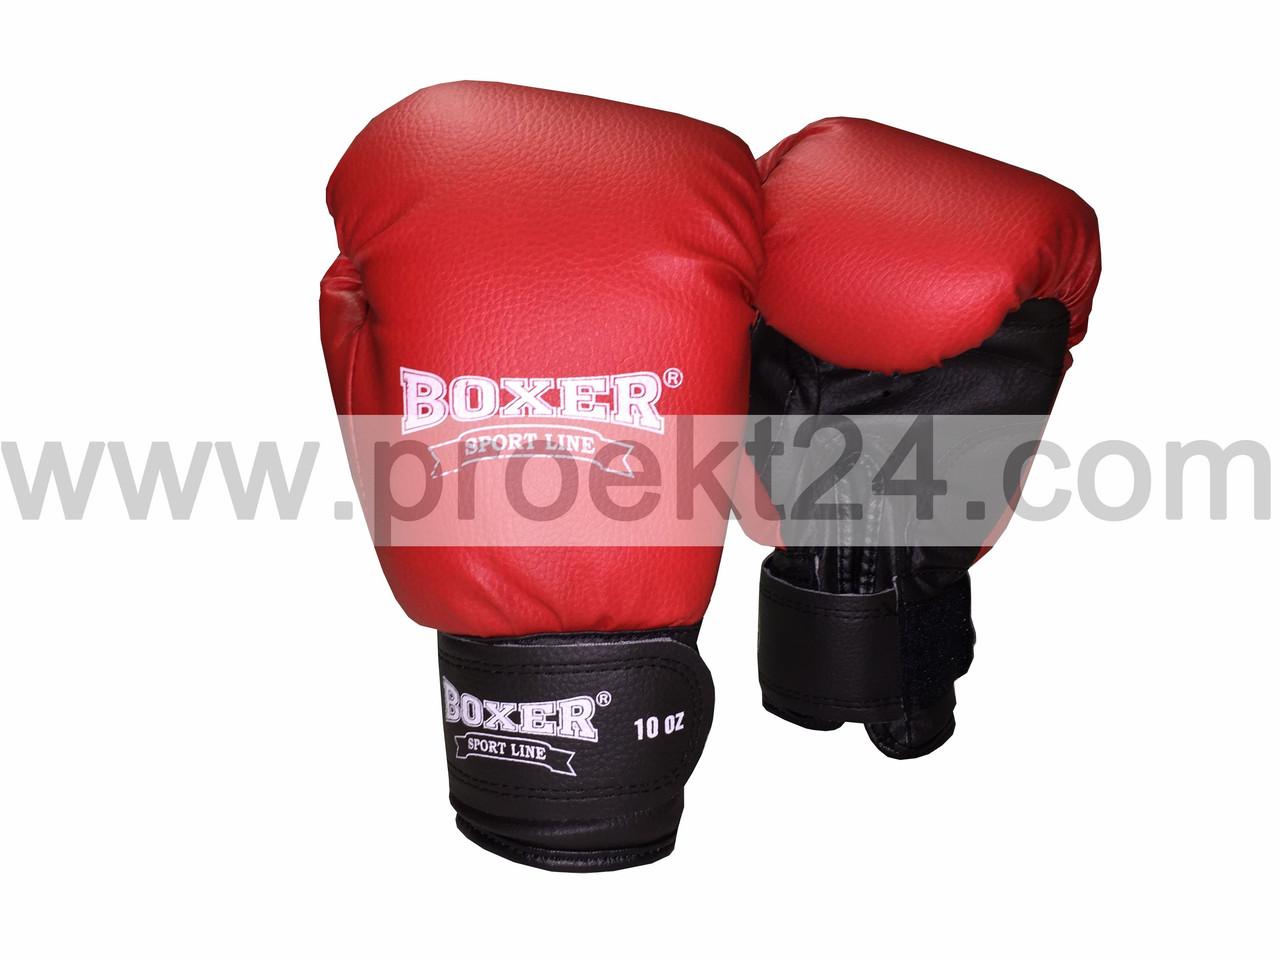 Боксерские перчатки 10 оz Кожвинил (красные) - Глобальные энергосберегающие технологии  в Днепре